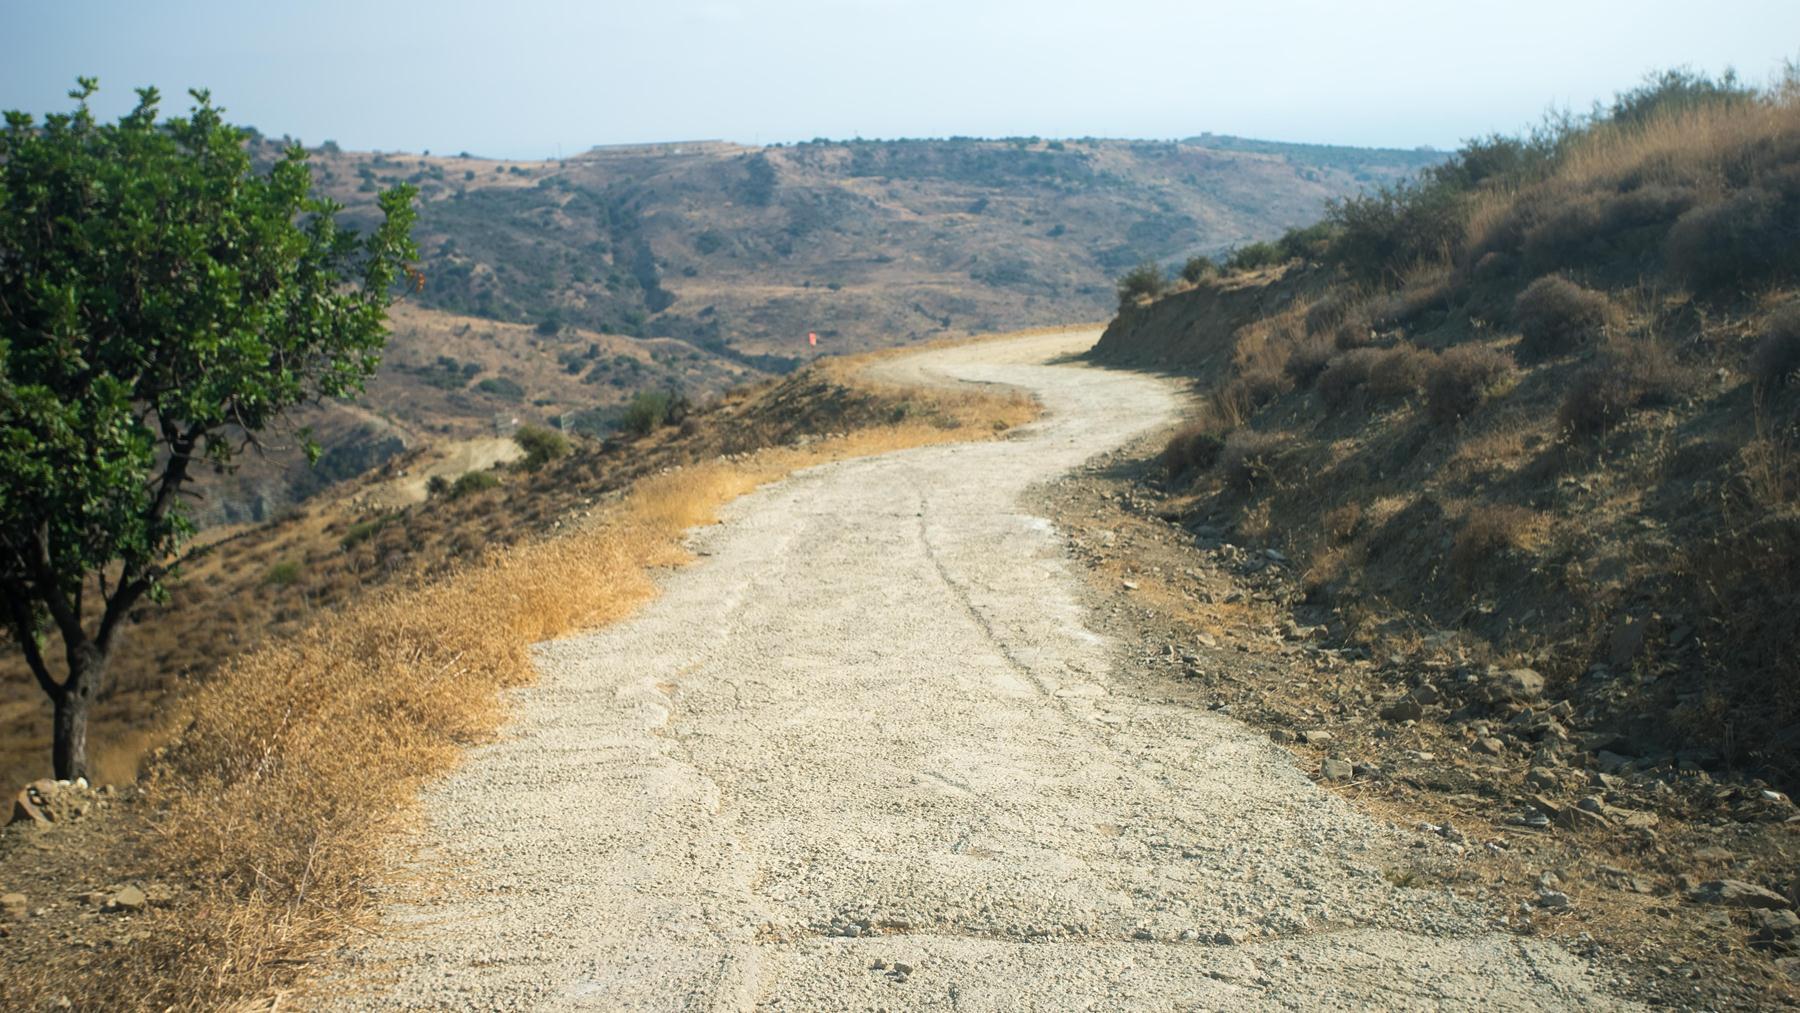 Извилистая, но не опасная дорога